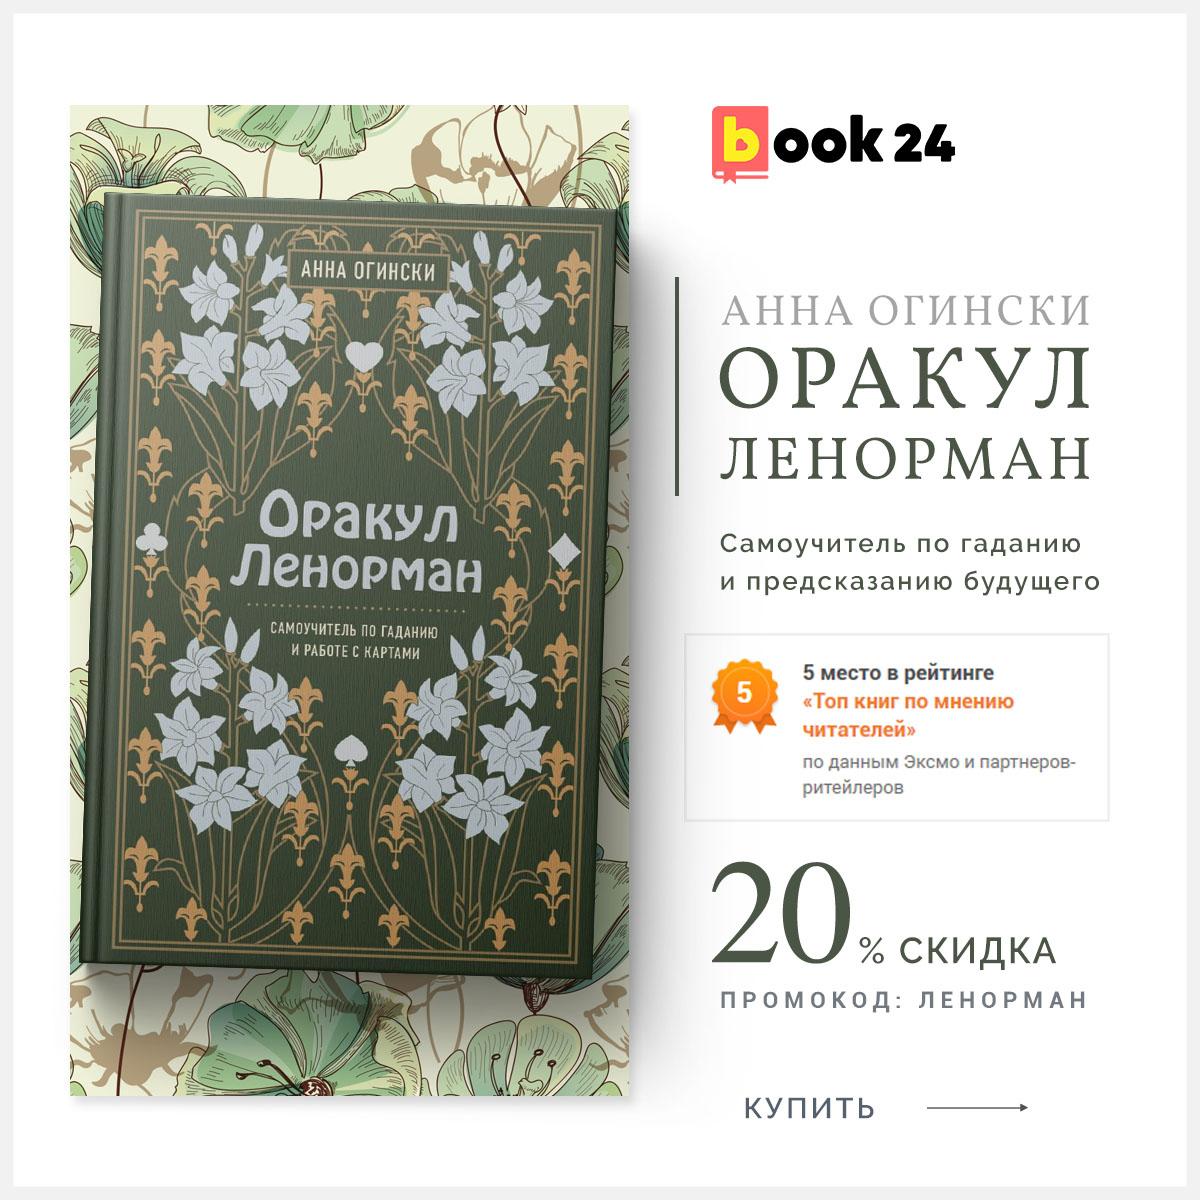 Книга «Оракул Ленорман. Самоучитель» от Анны Огински с 20% скидкой!